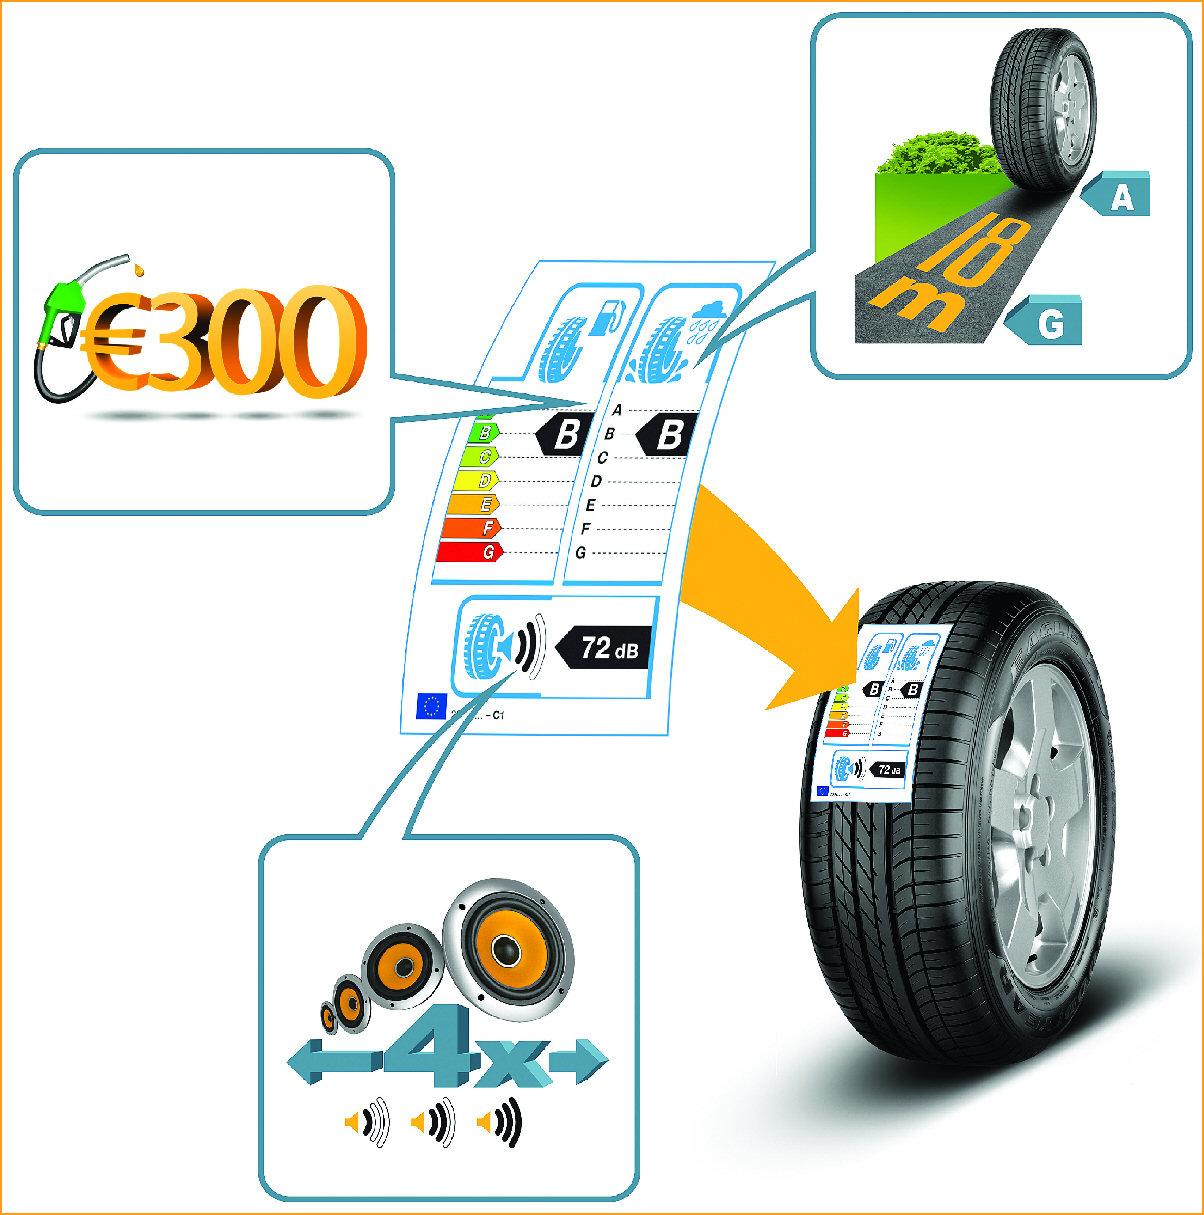 Étiquette écologique des pneumatiques